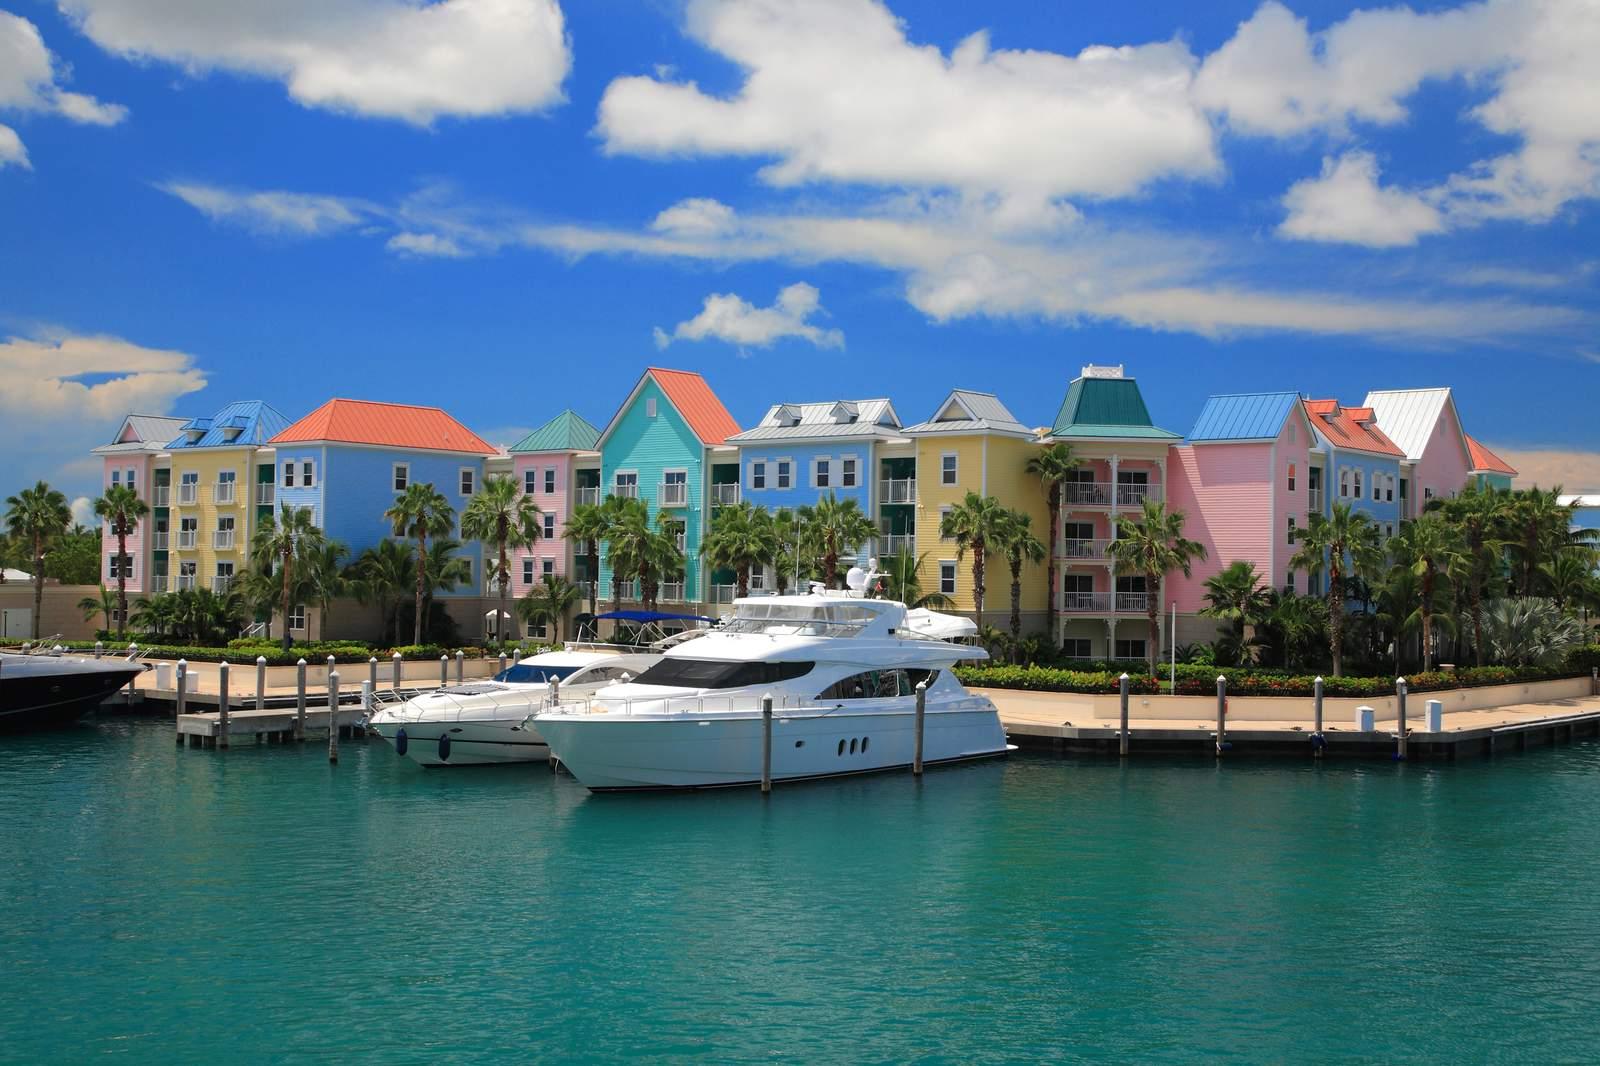 Yachthafen am Atlantis Hotel auf Paradise Island